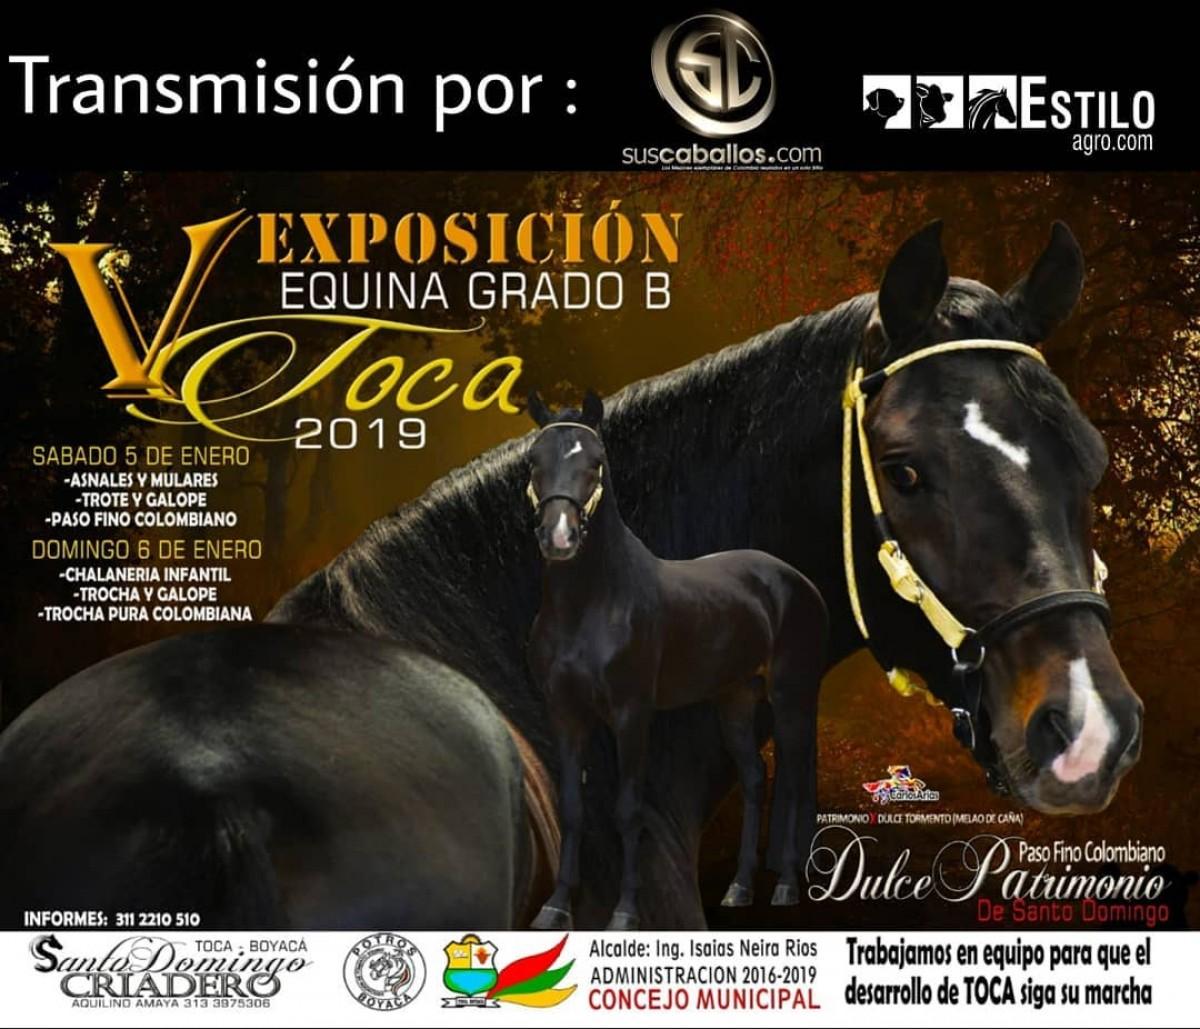 TRANSMISIÓN V Exposición Equina Grado B Toca, 5 y 6 de Enero 2019